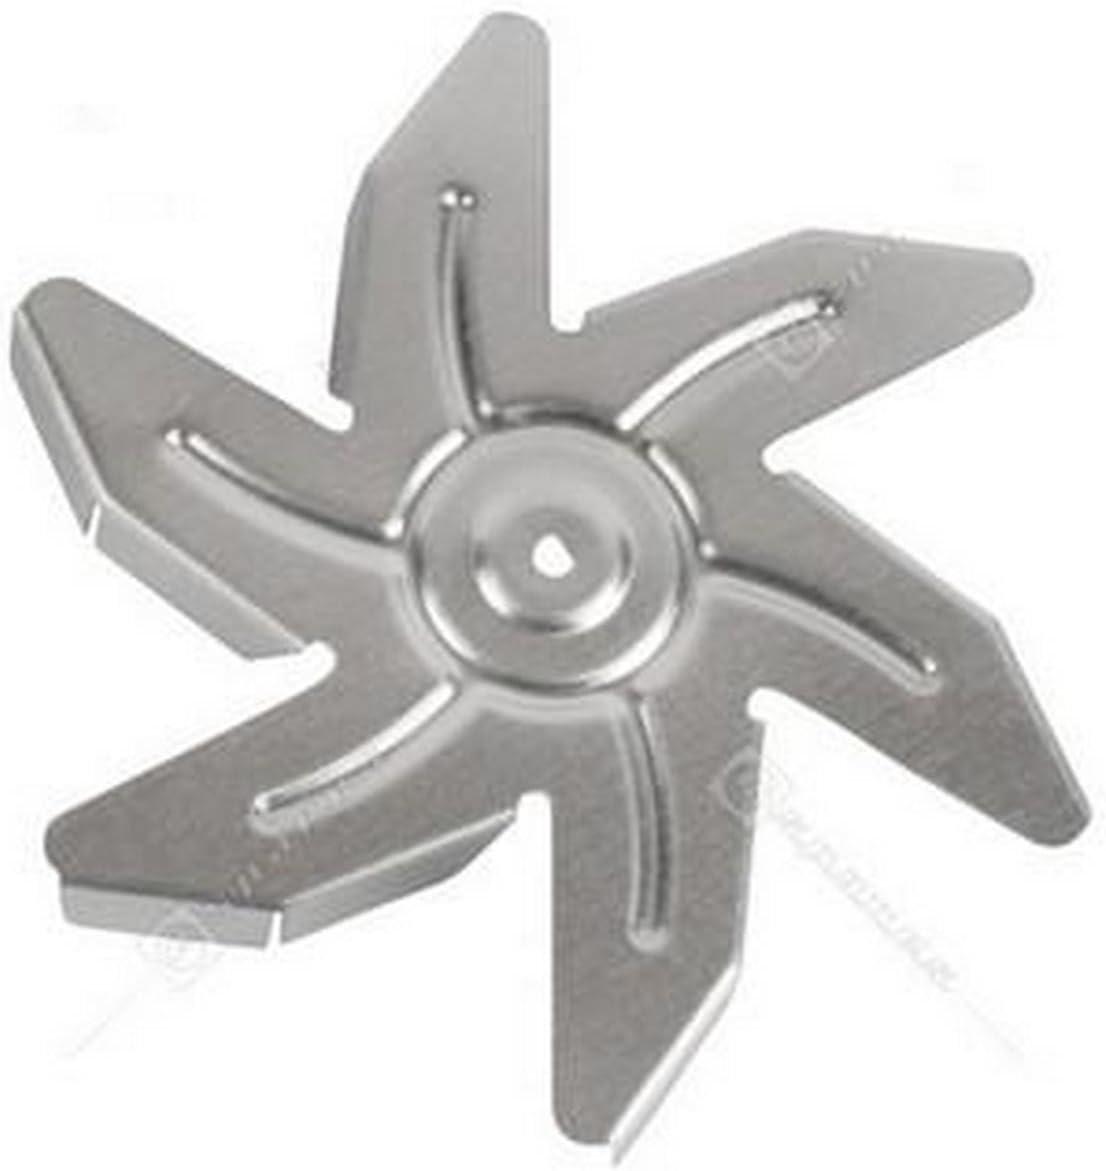 Hélice de ventilador–Horno, Cocina–AEG, Arthur Martin Electrolux, Electrolux, Faure